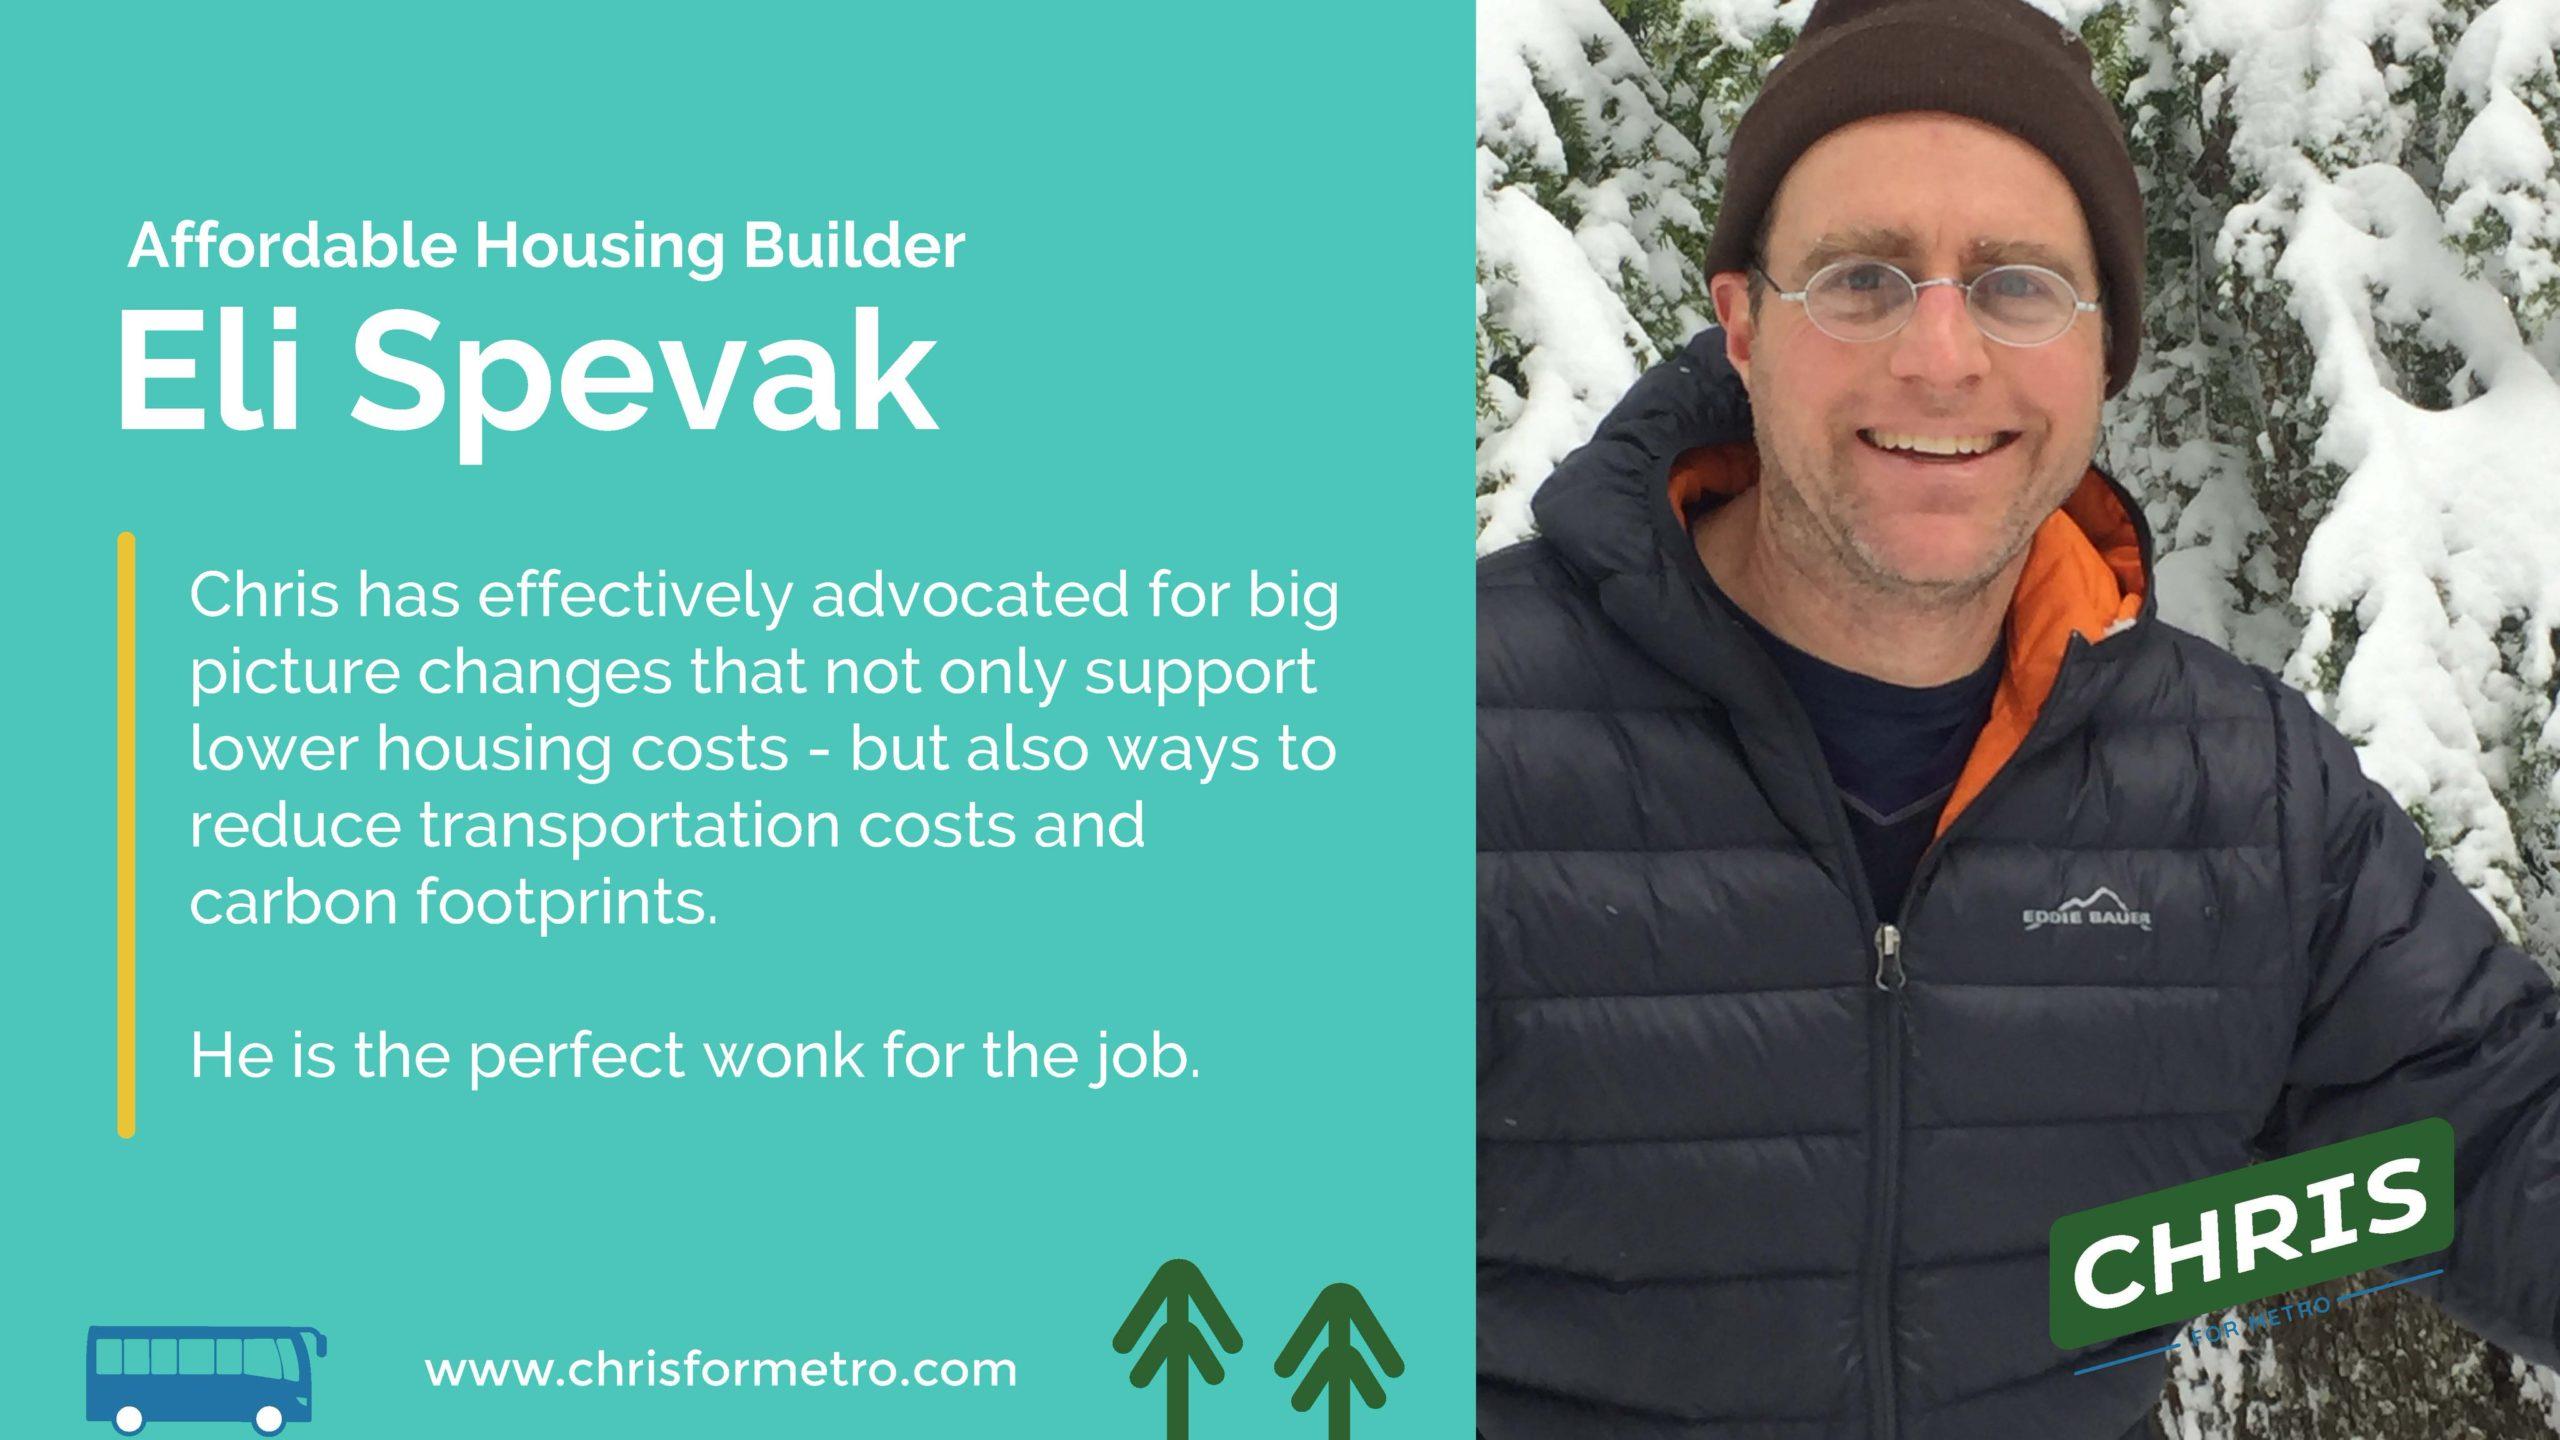 Eli Spevak Endorsement